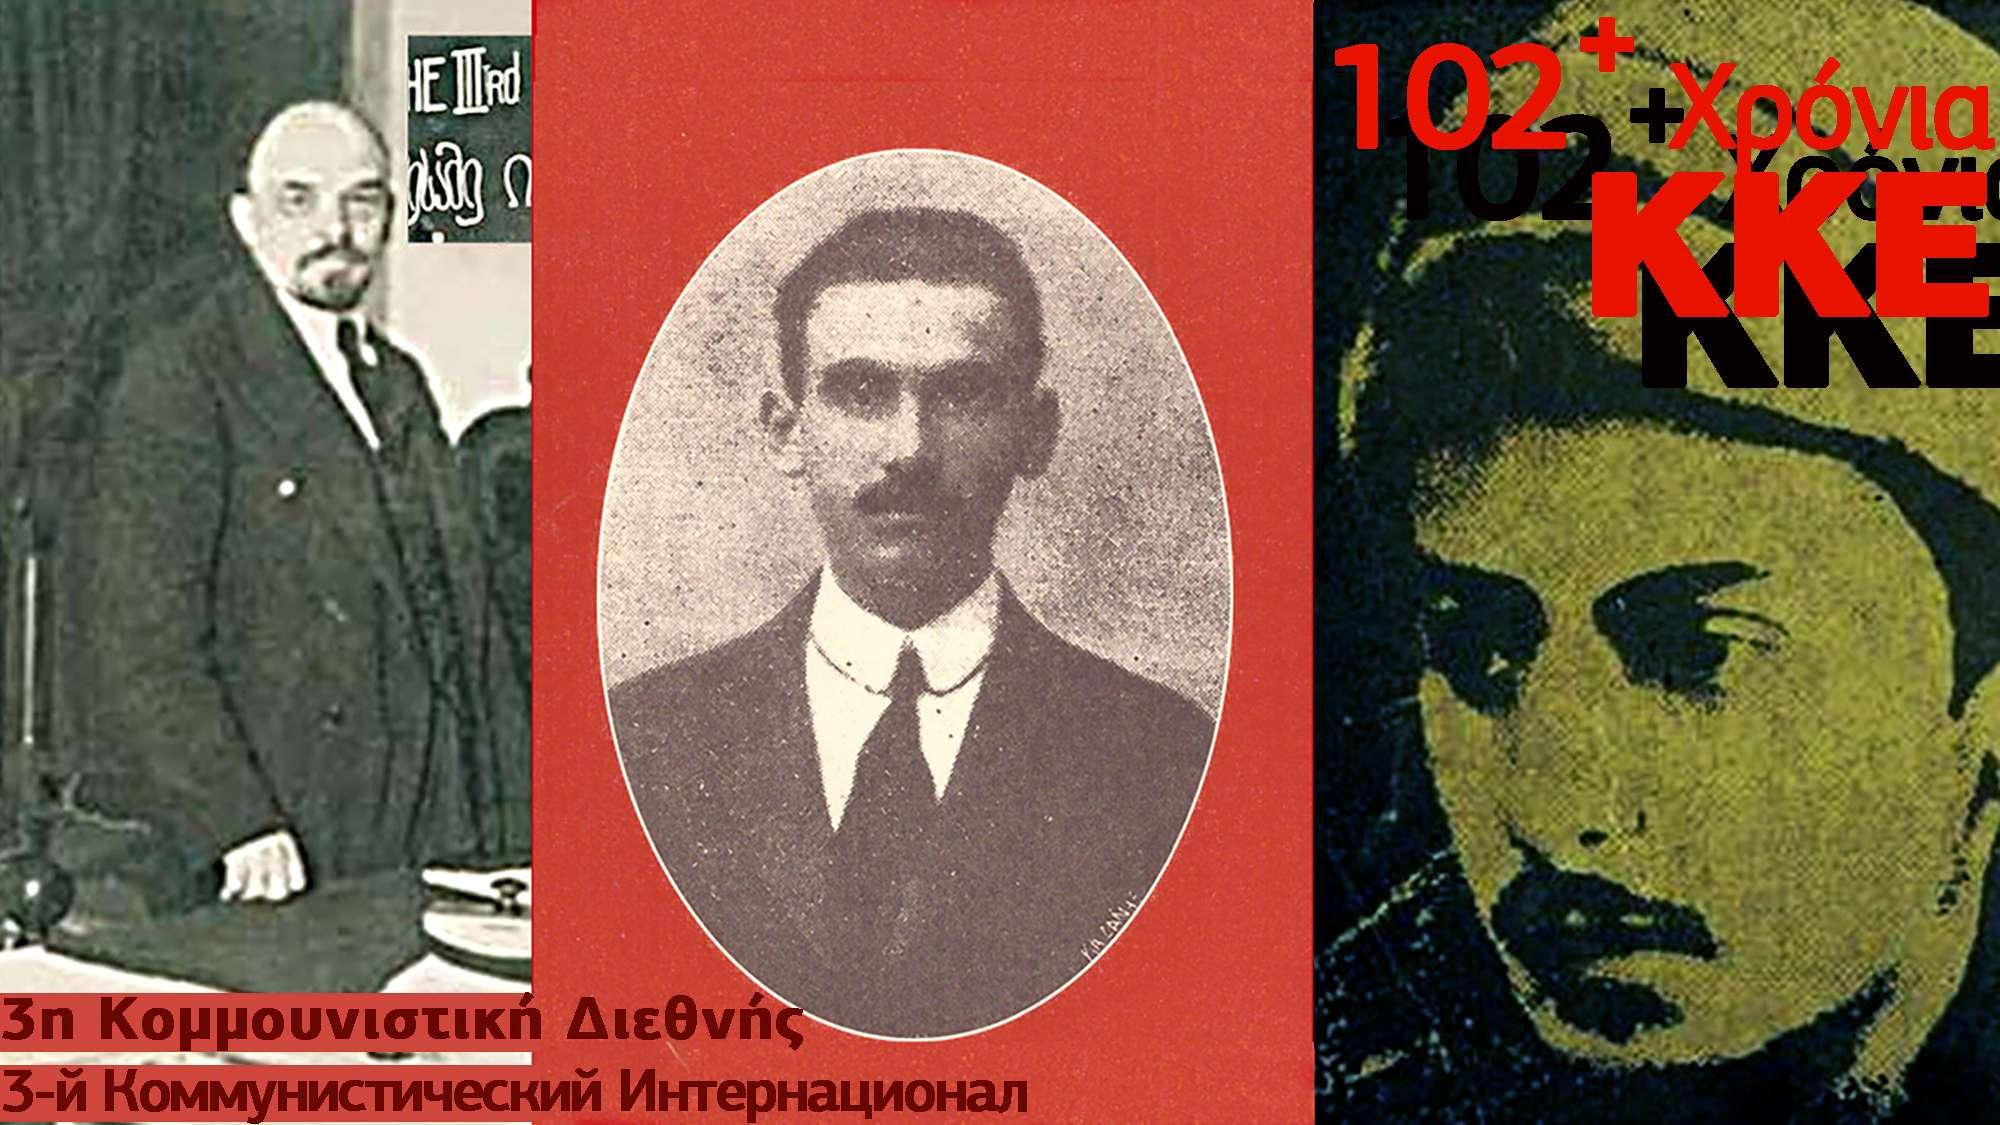 Δημοσθένης Λιγδόπουλος Ωρίων Αλεξάκης στην υπόθεση της επανάστασης 102 Χρόνια ΚΚΕ